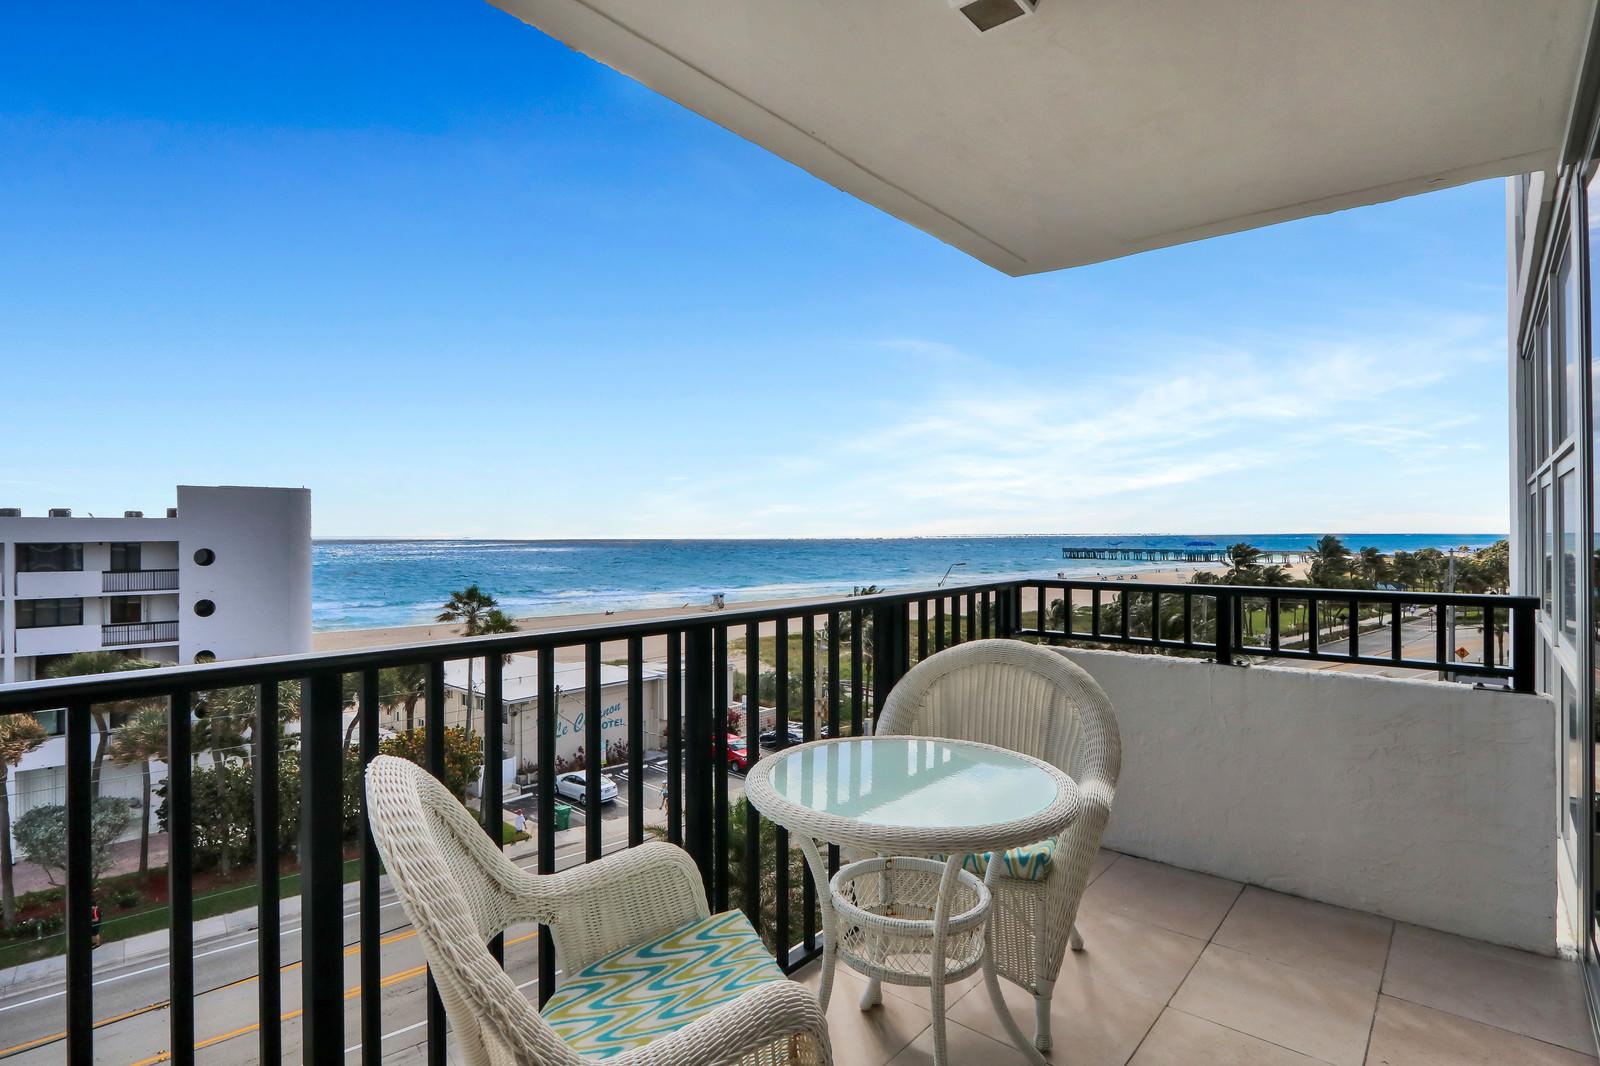 525 N Ocean Boulevard 725, Pompano Beach, FL 33062